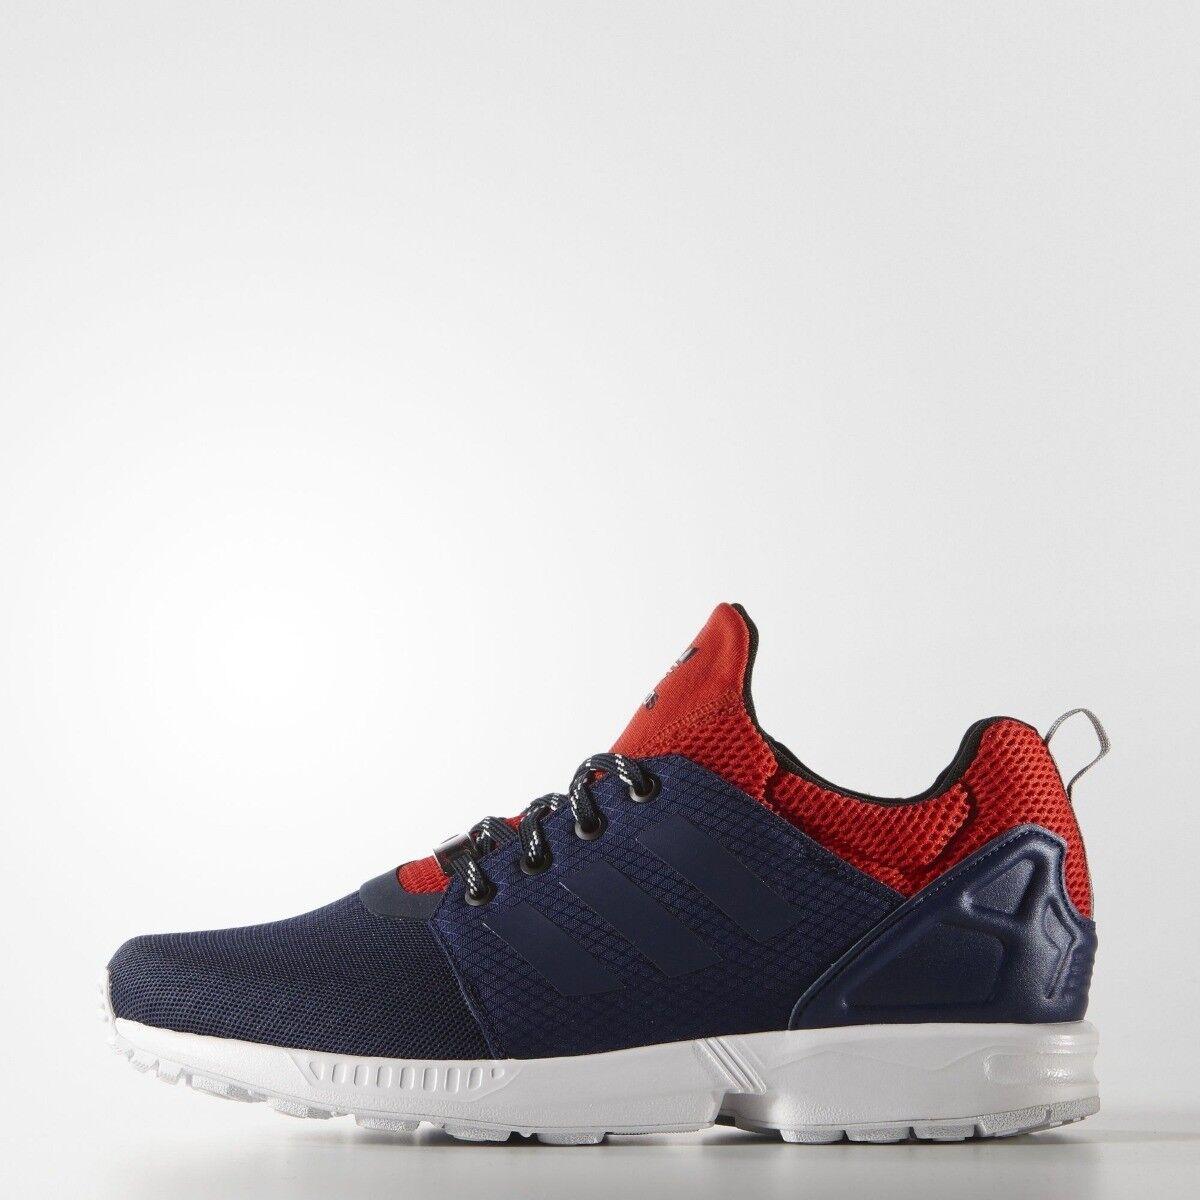 Adidas ZX FLUX NPS UPDT Hombre Mujer Zapatillas número 5 azul